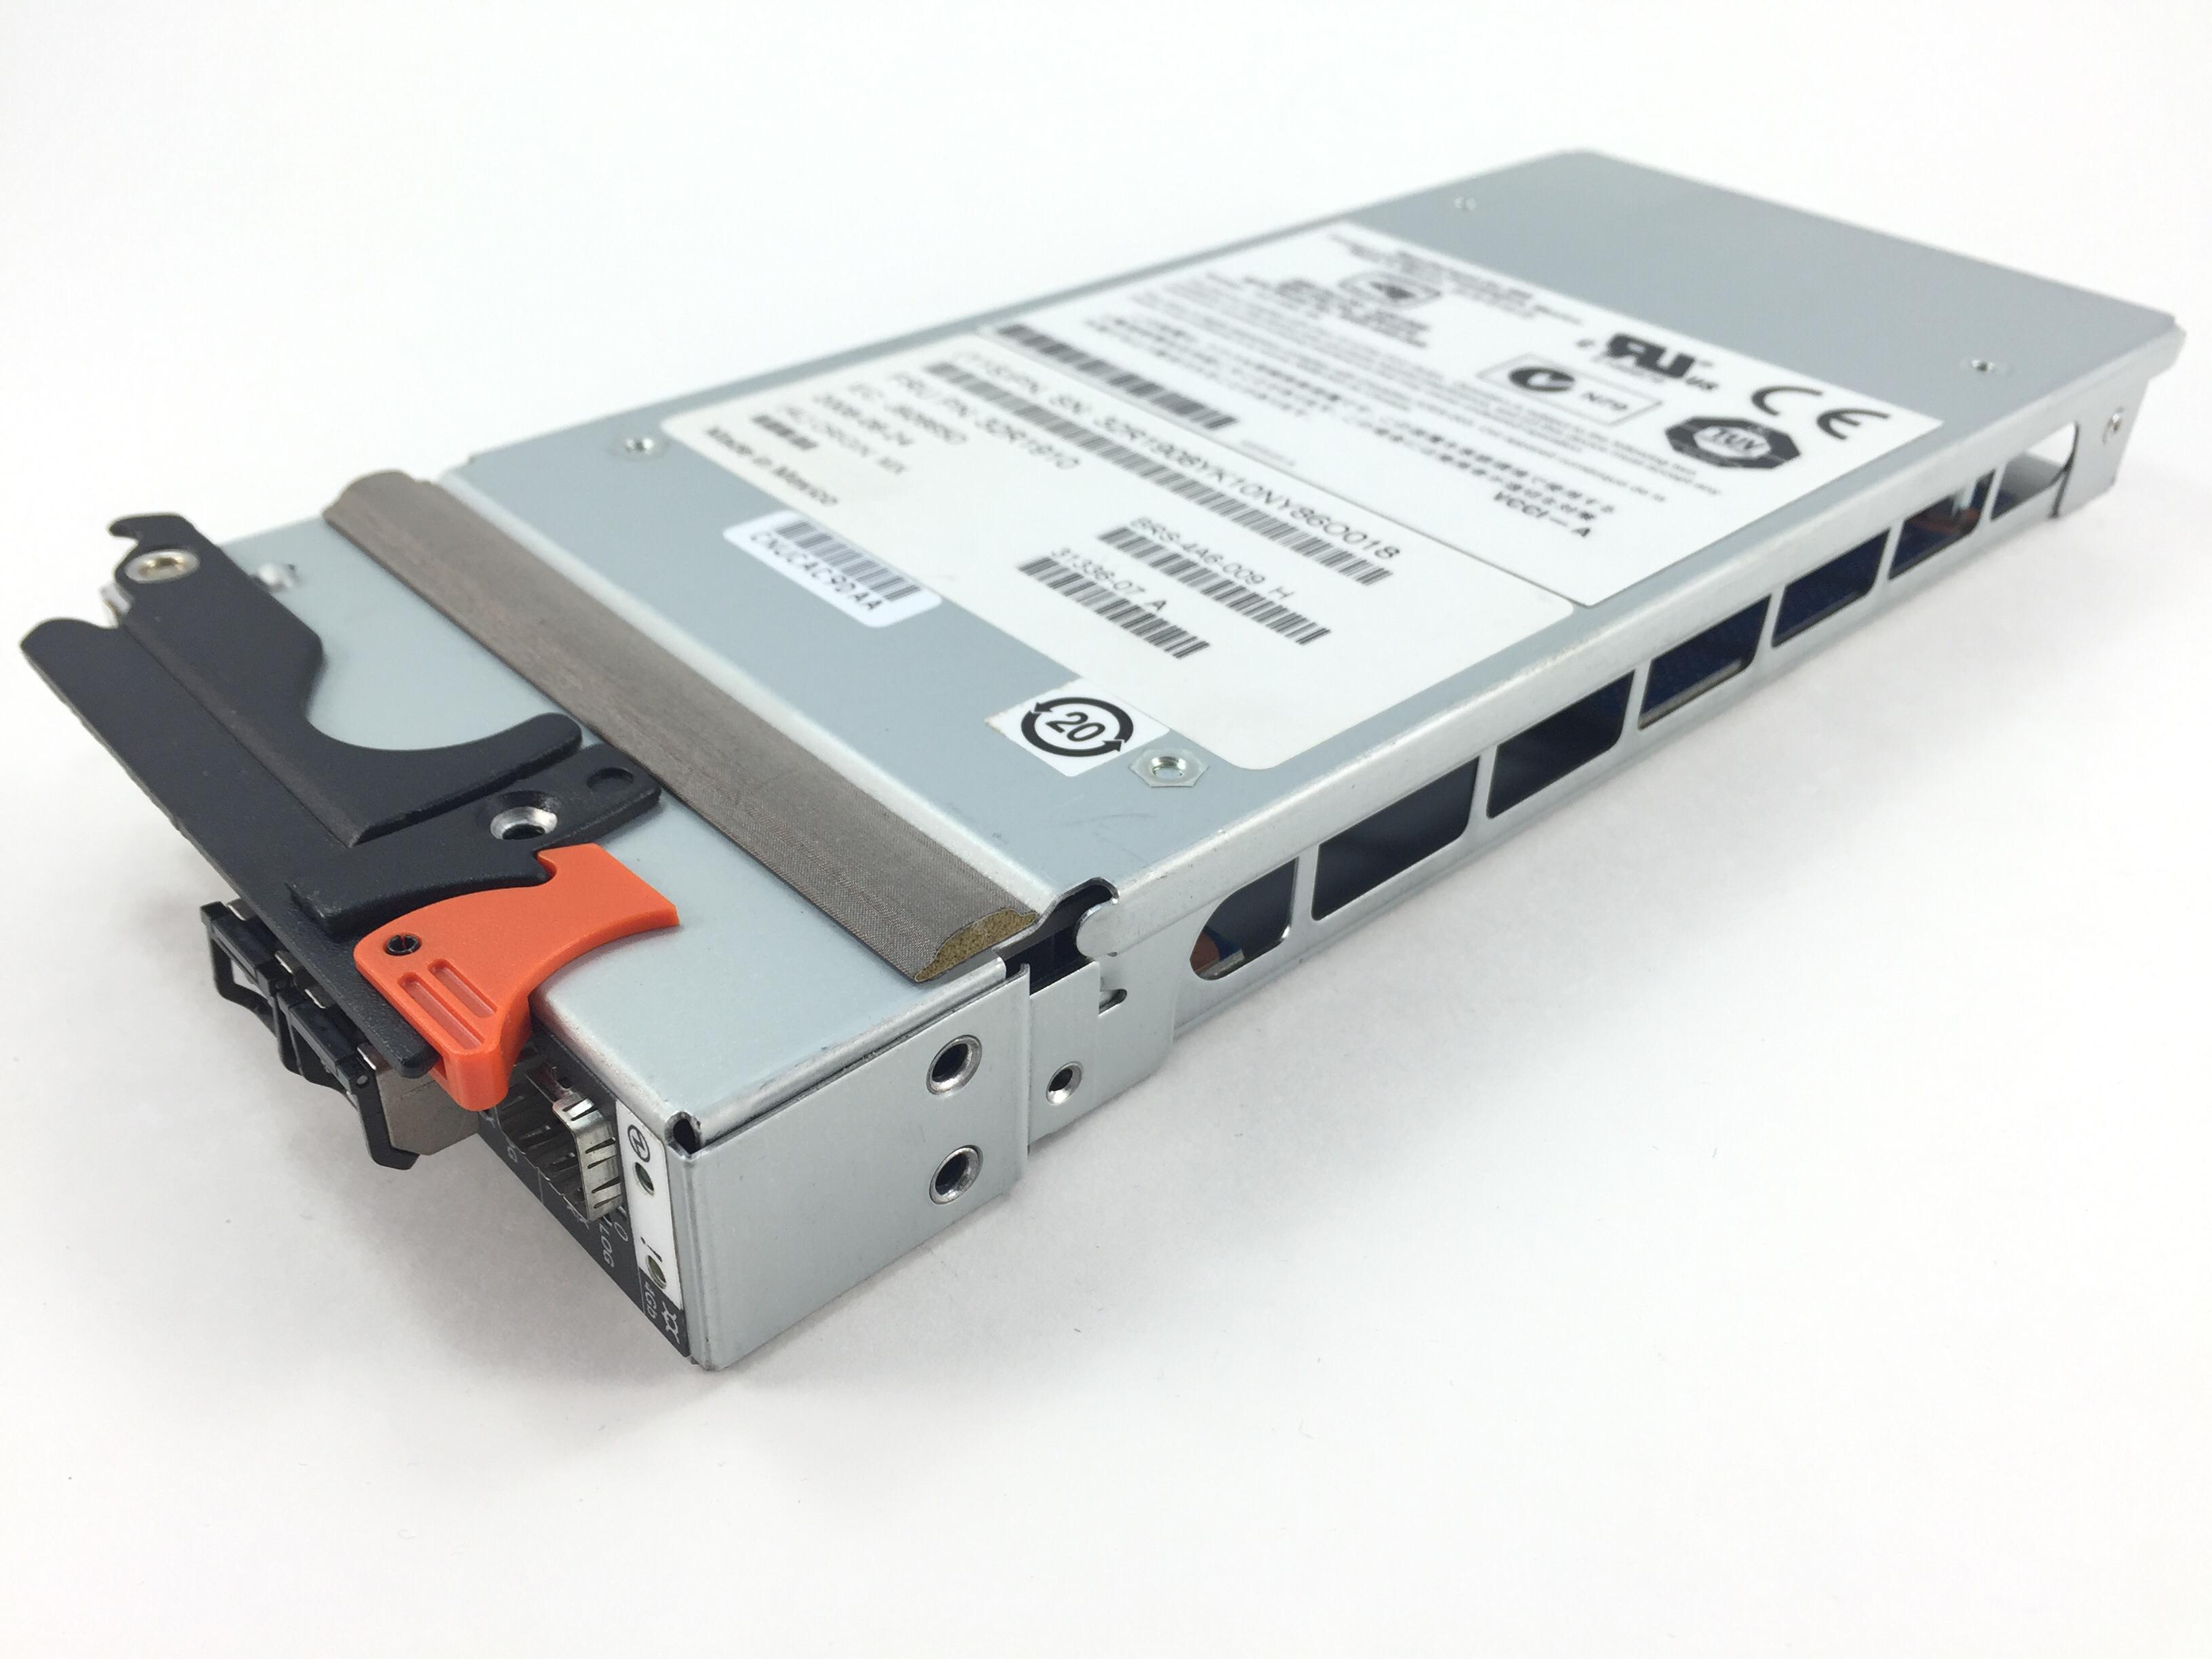 IBM Qlogic 4GB 10 Ports Fiber Channel San Switch Module (32R1910)